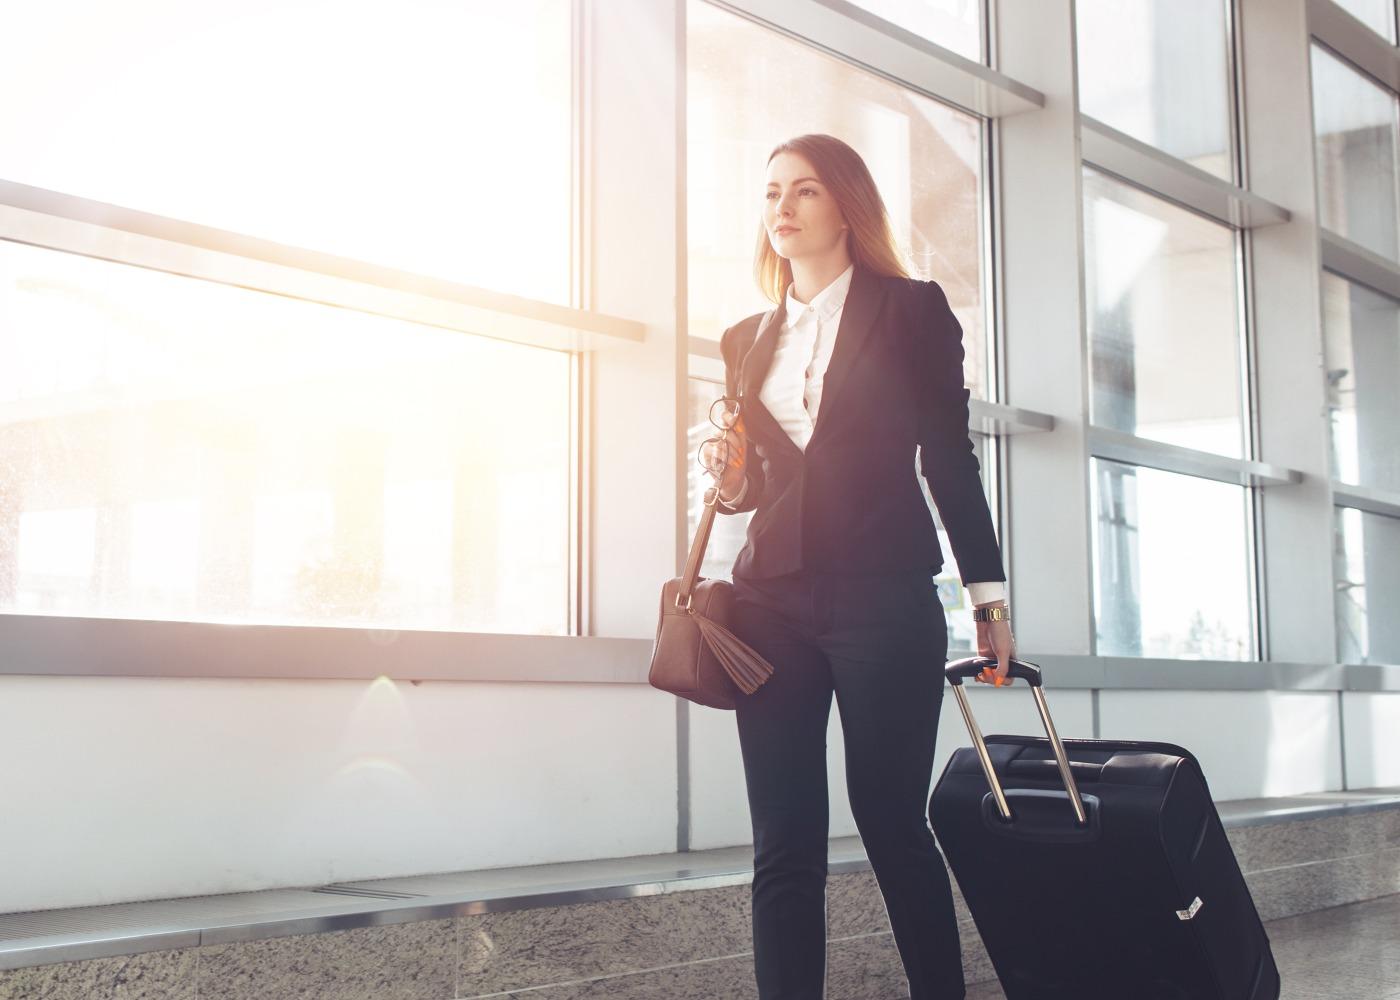 mulher com mala preparada parafazer viagem de negócios